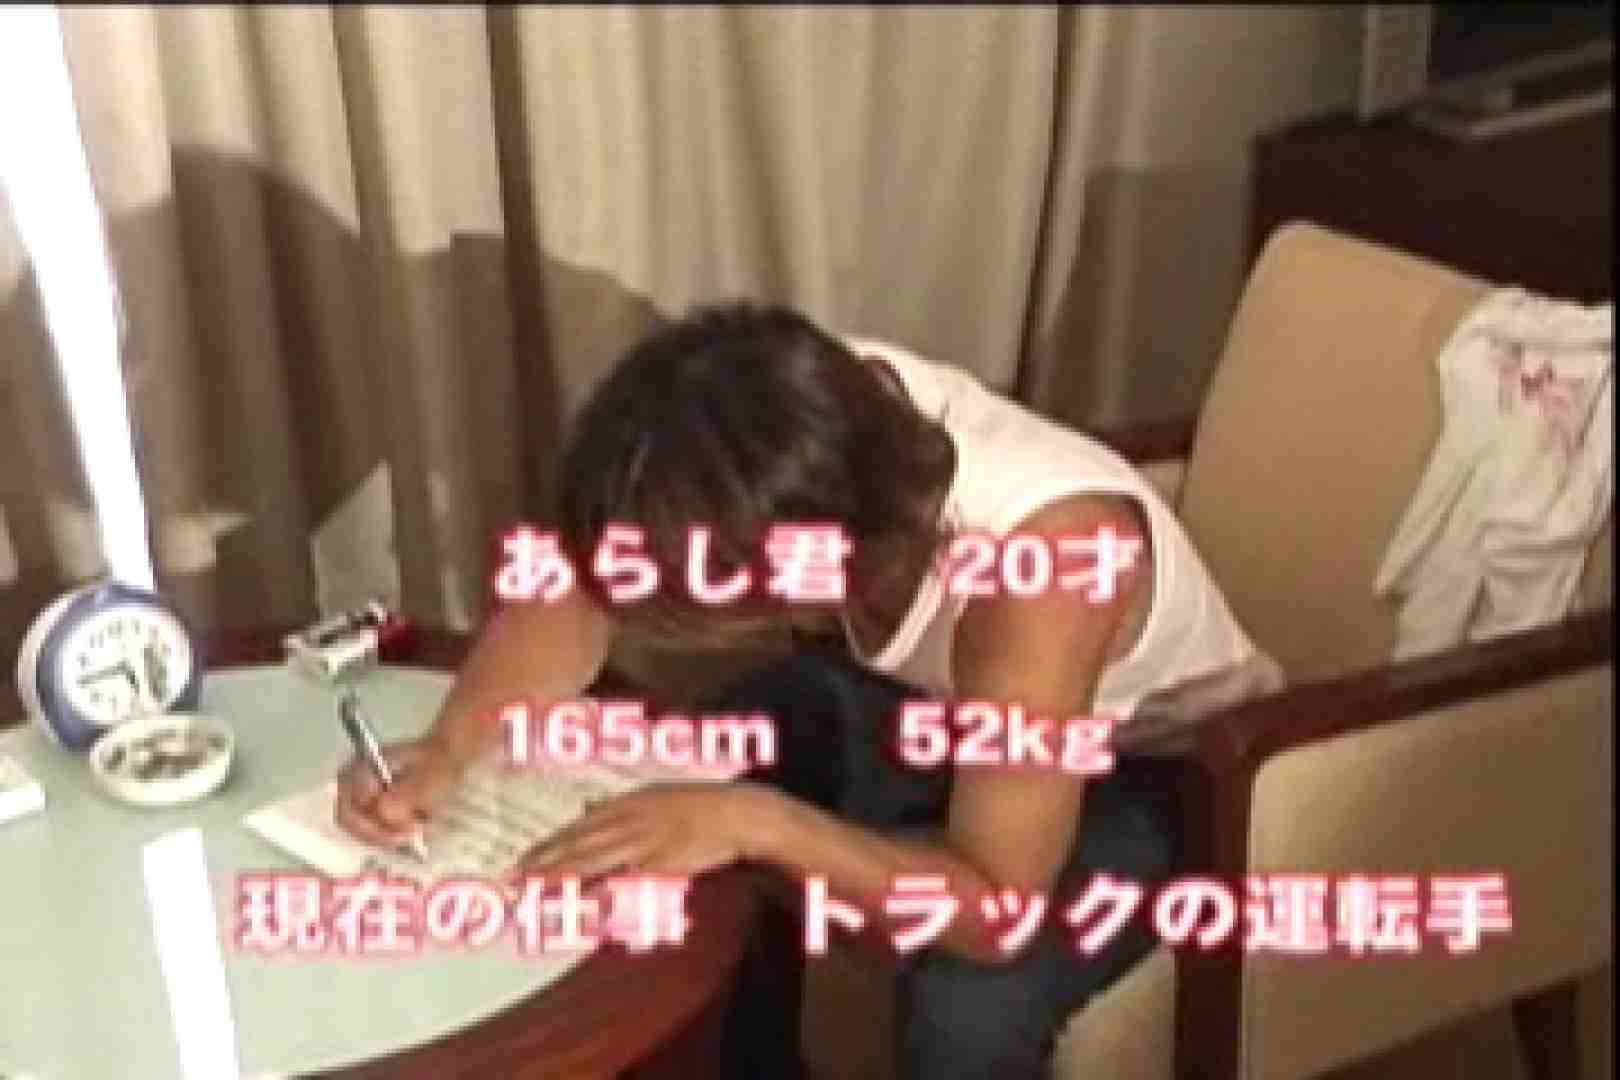 ハメ撮り!!面接FUCK!!Part.04 フェラ天国 ゲイ無修正ビデオ画像 94pic 2